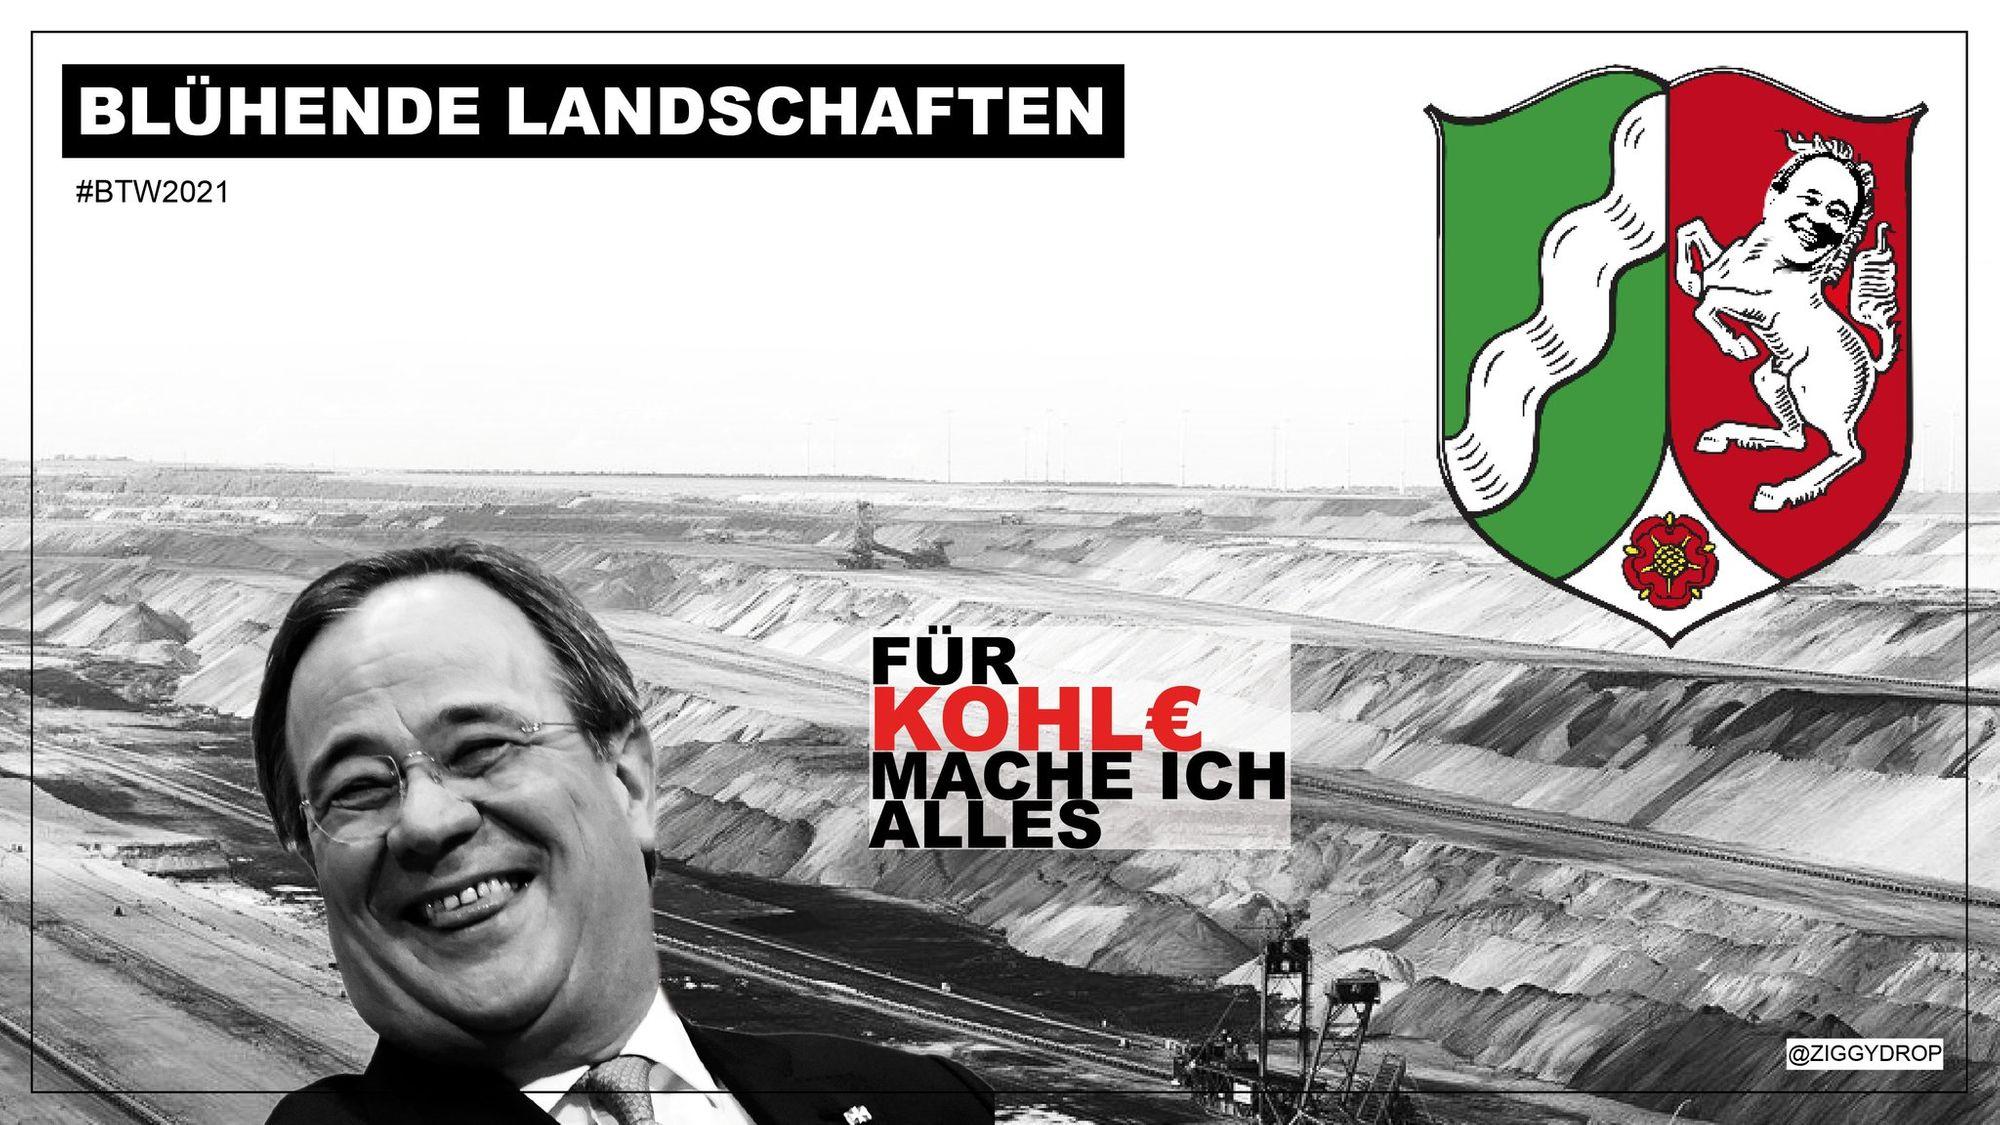 Laschet NRW CDU